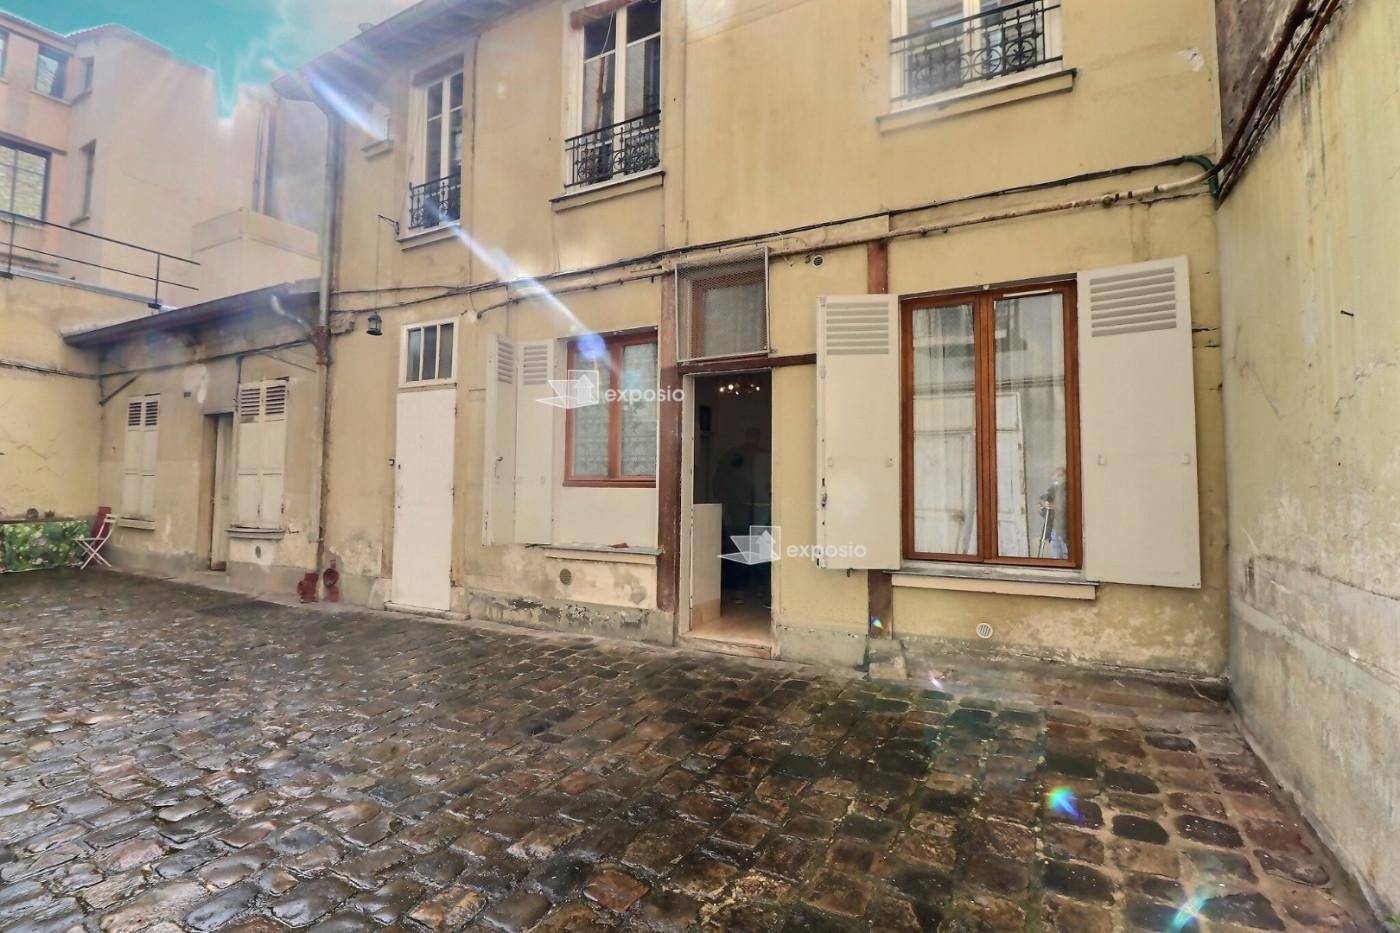 A vendre  Paris 14eme Arrondissement | Réf 93005504 - Grand paris immo transaction